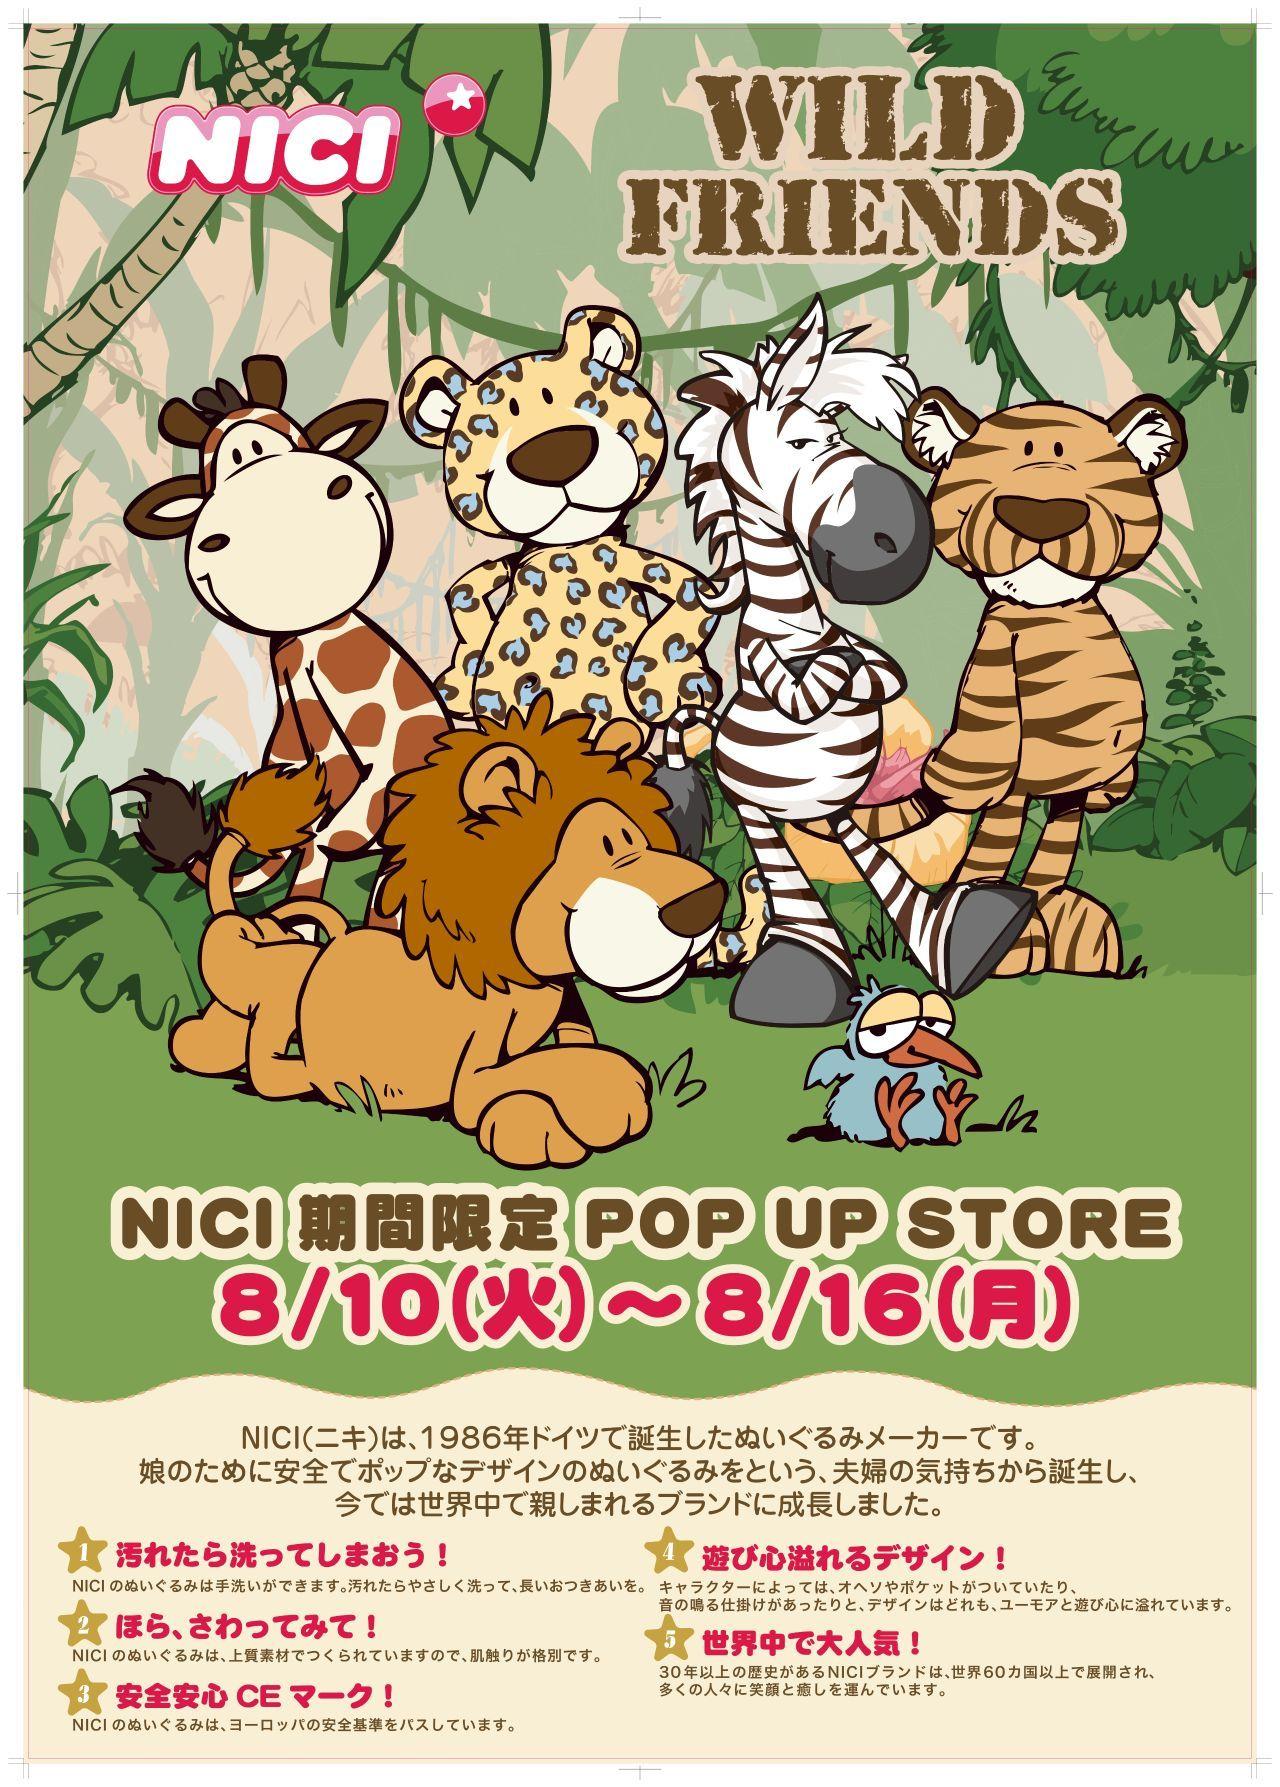 「【あと6日☆】NICI POPUP STORE【モラージュ菖蒲】」の写真